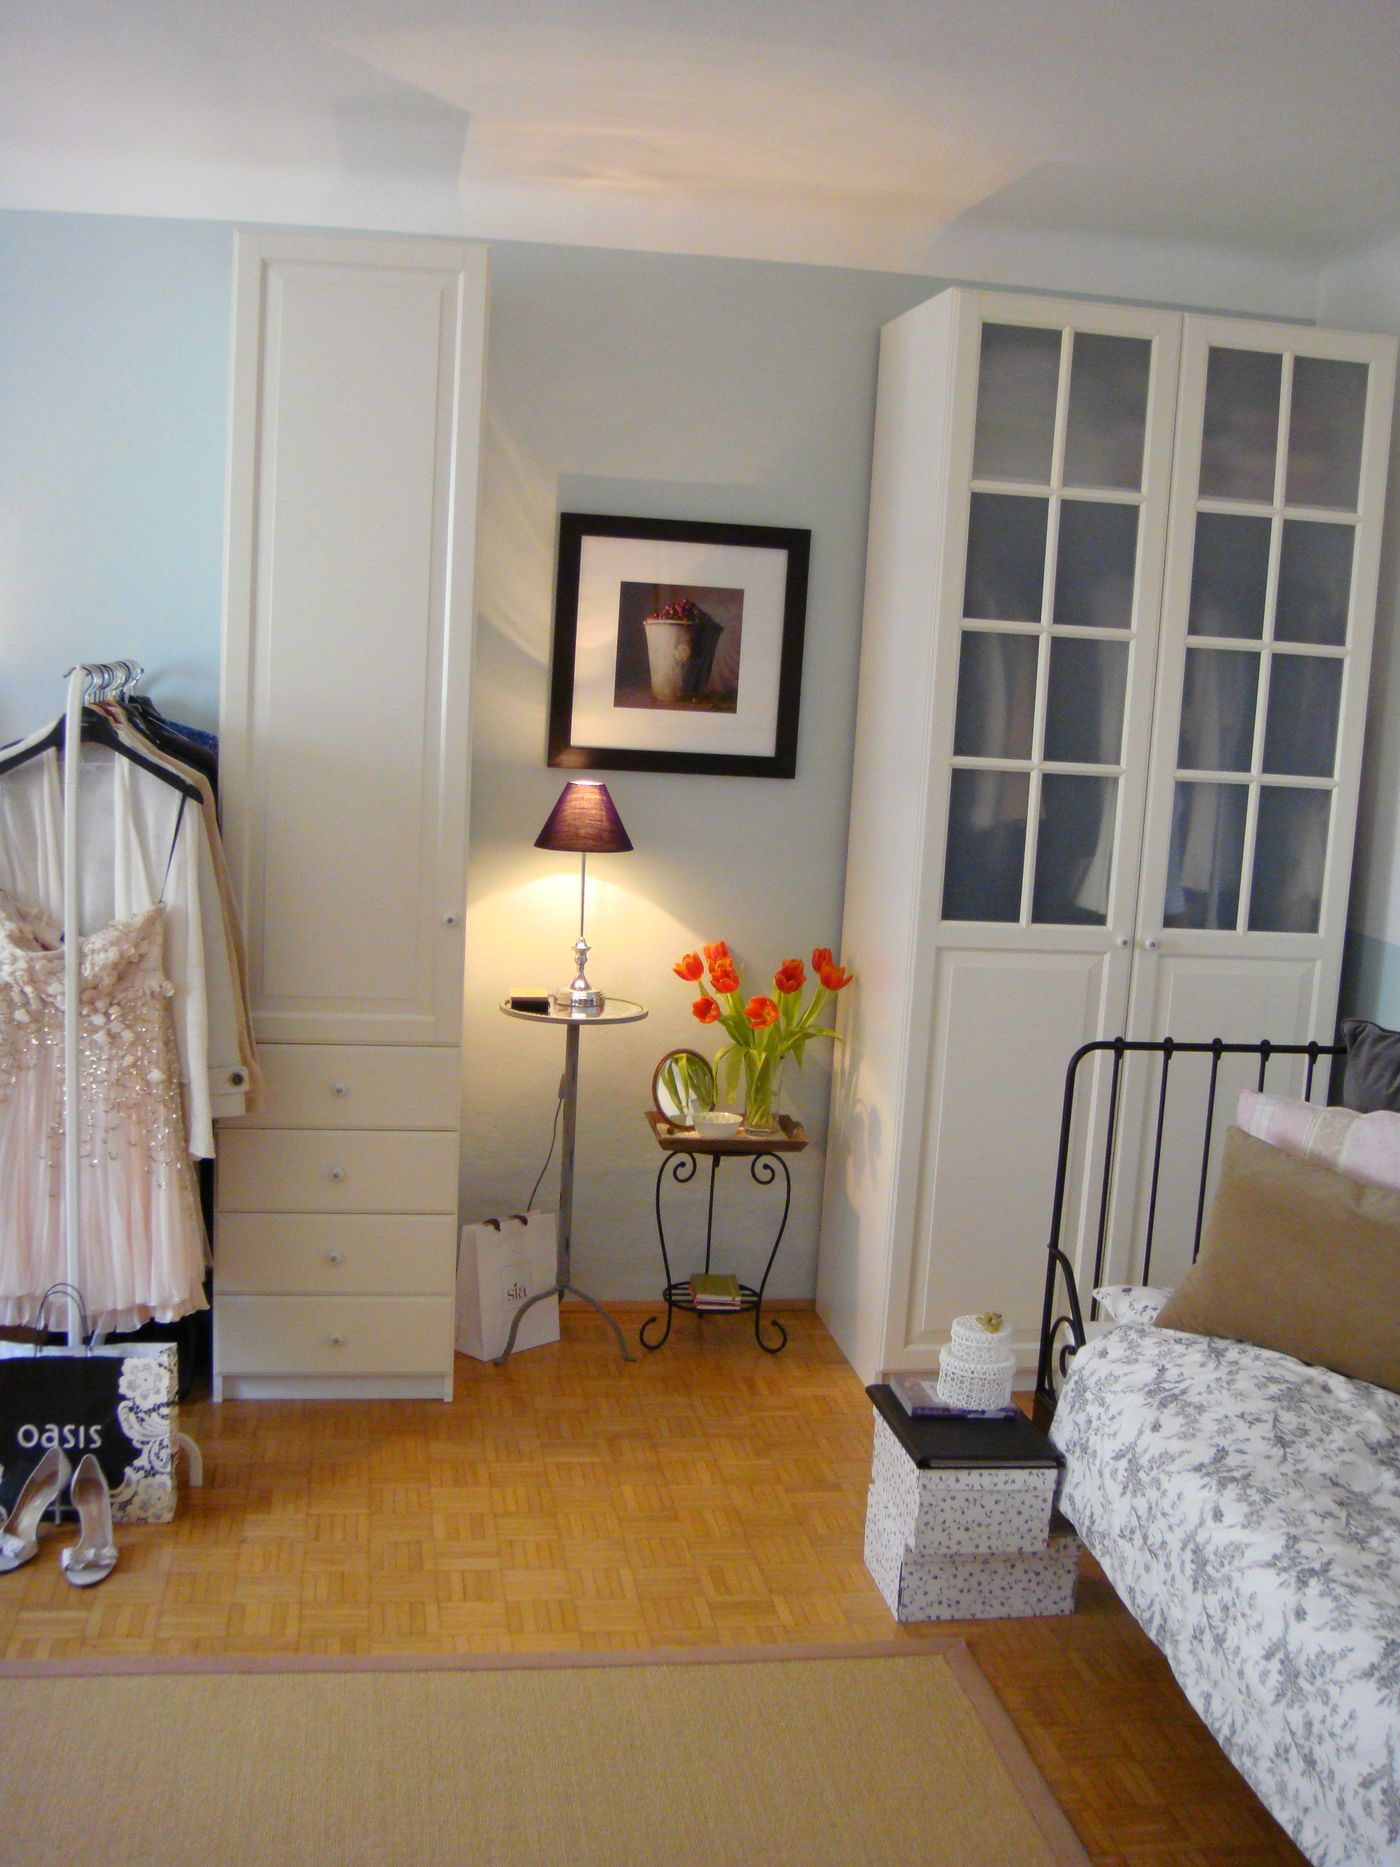 Full Size of Ideen Und Inspirationen Fr Wohnzimmerschrnke Seite 21 Modulküche Ikea Küche Kaufen Betten Bei Miniküche Kosten Sofa Mit Schlaffunktion 160x200 Wohnzimmer Wohnzimmerschränke Ikea